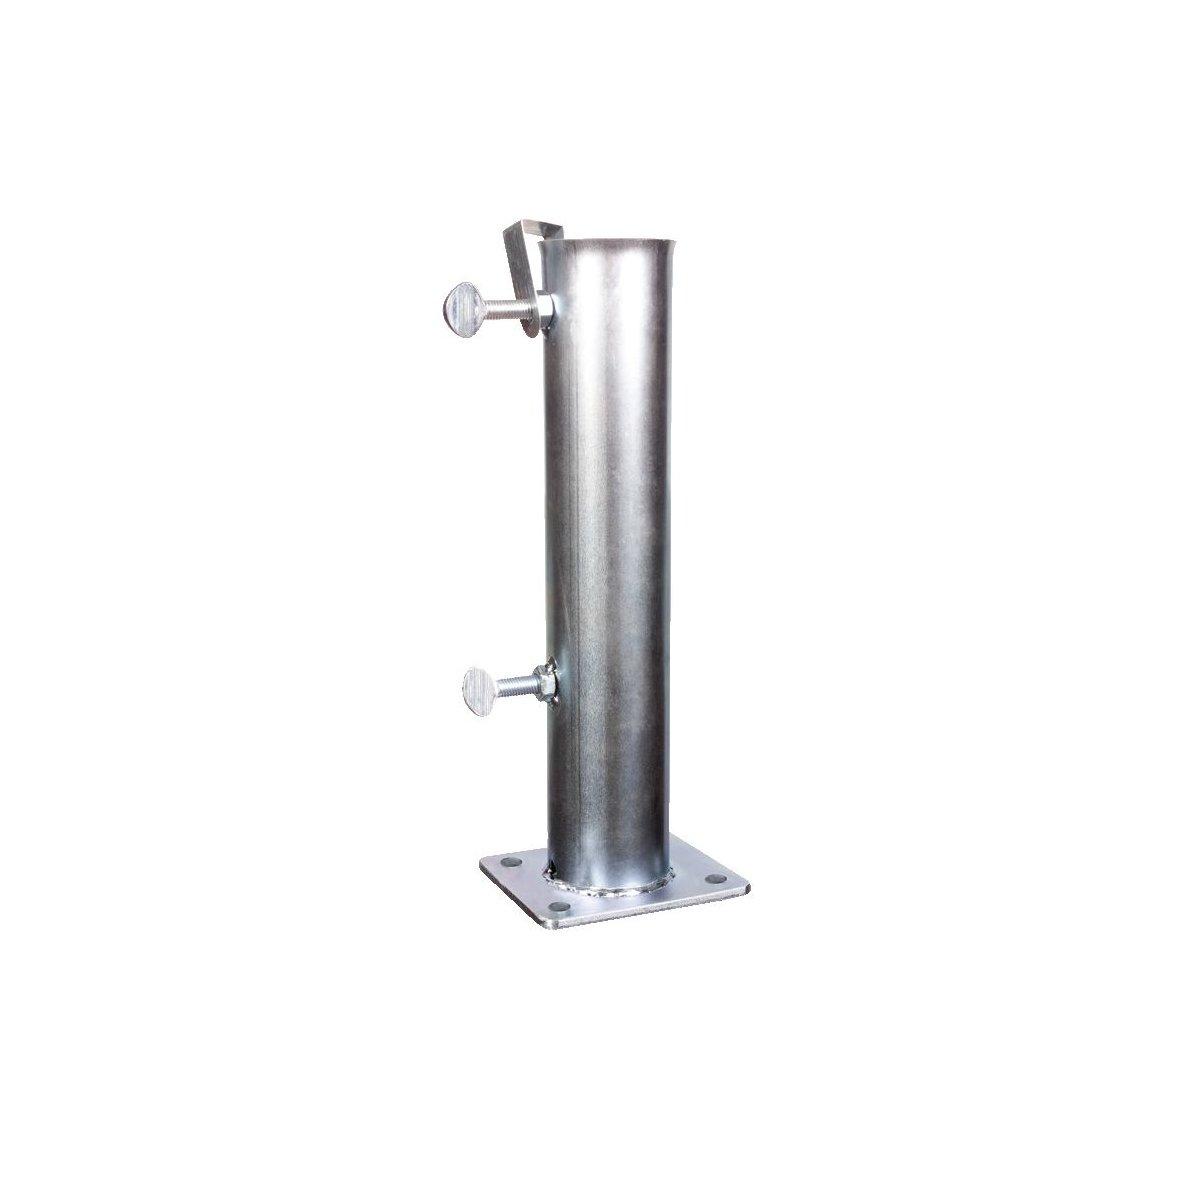 tubo in acciaio per ombrelloni a palo centrale prodotti da Scolaro Parasol serie codice BTT45 - BTT55 - BTT65